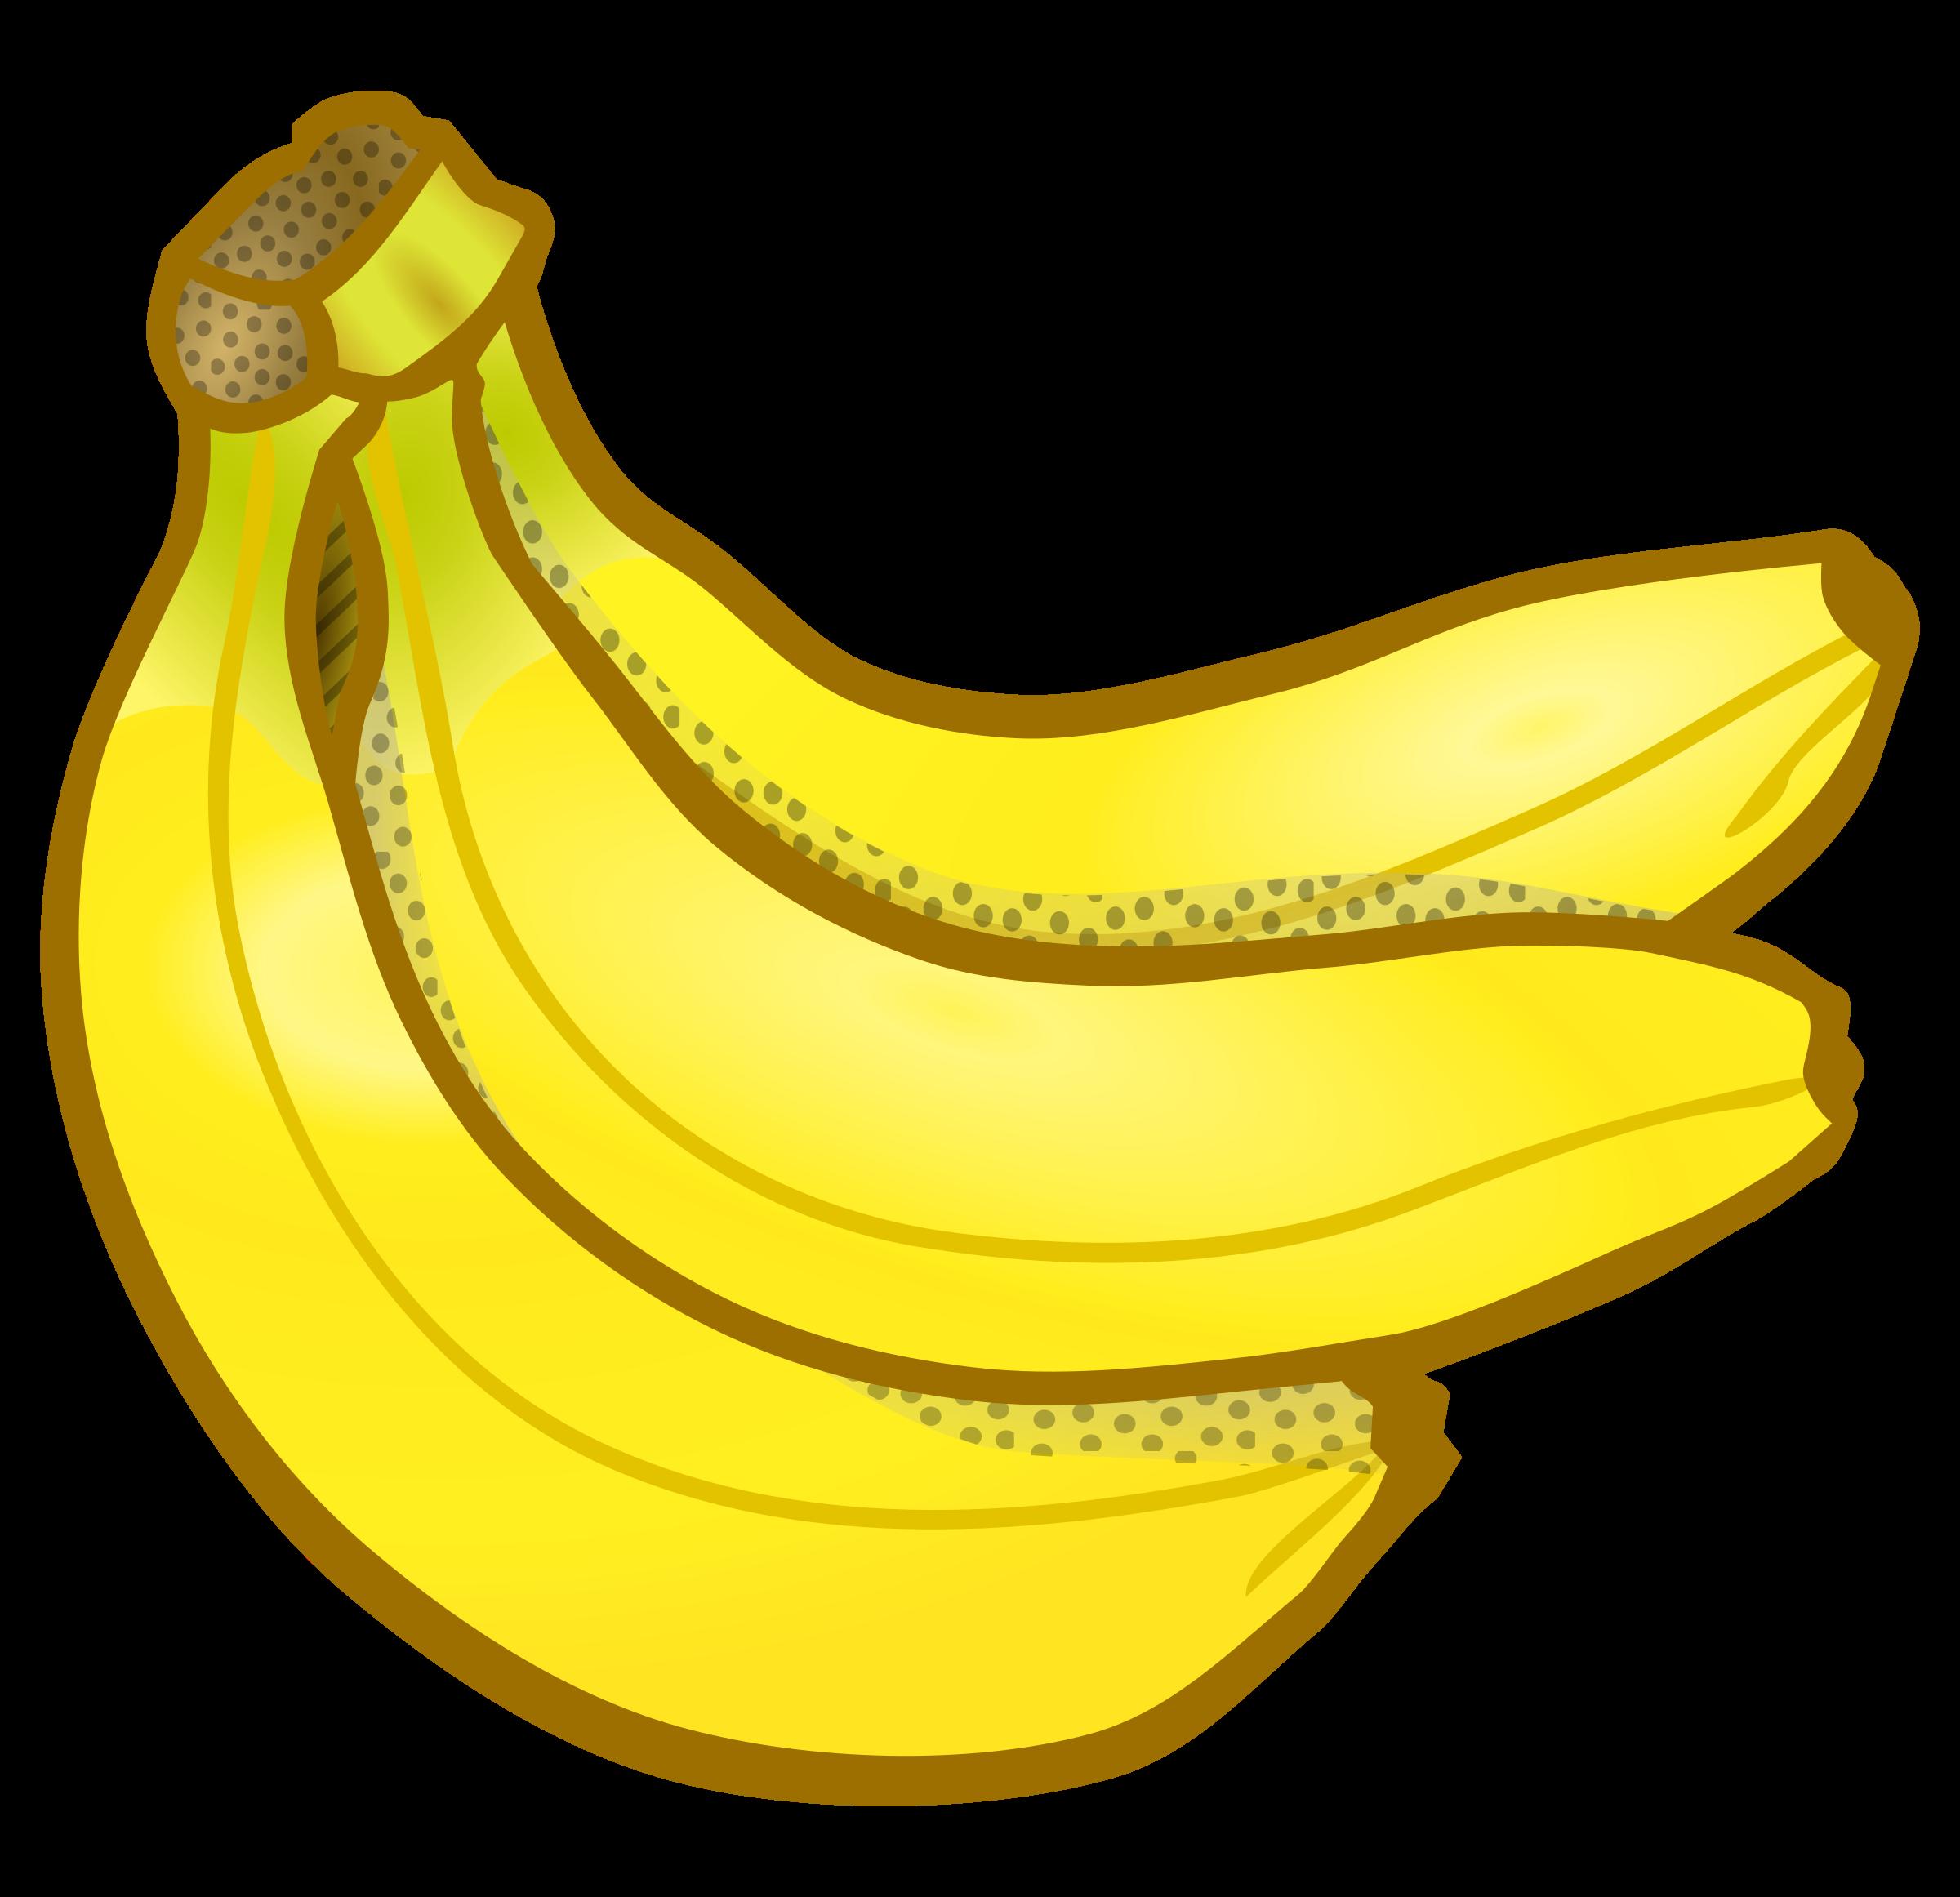 Banana clipart piece. Bunch of bananas coloured